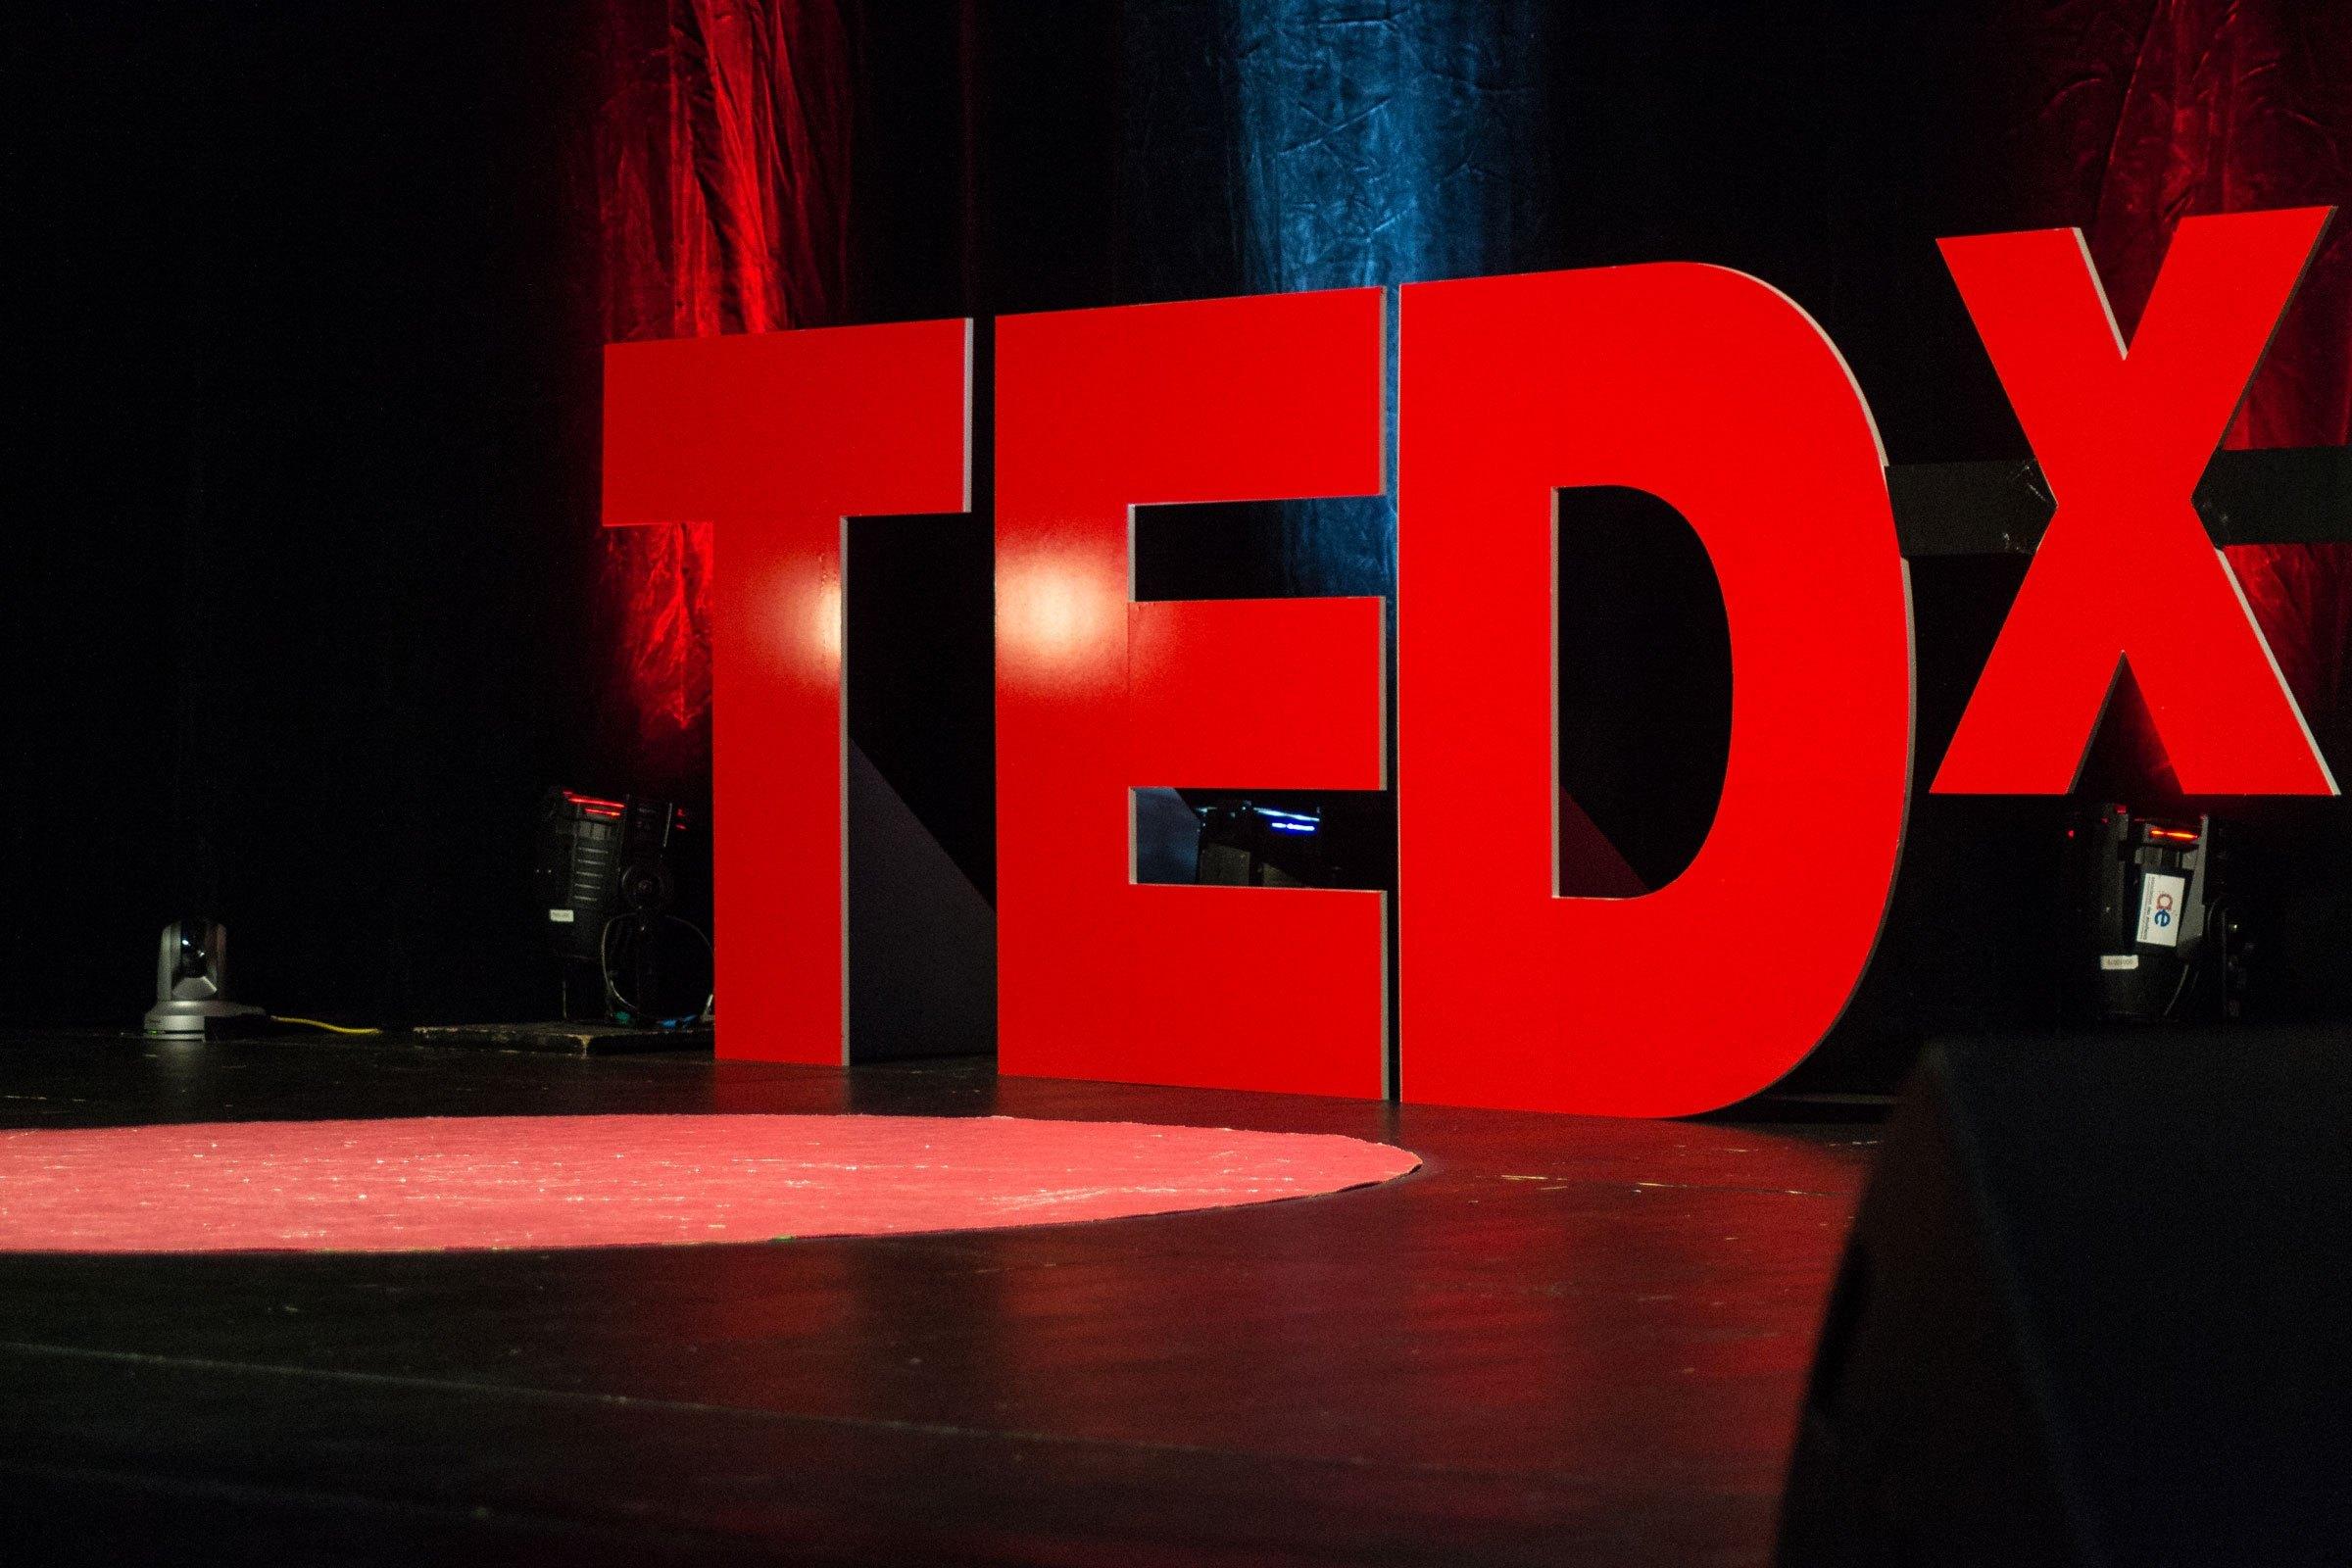 TEDx Benguela não é um evento autorizado